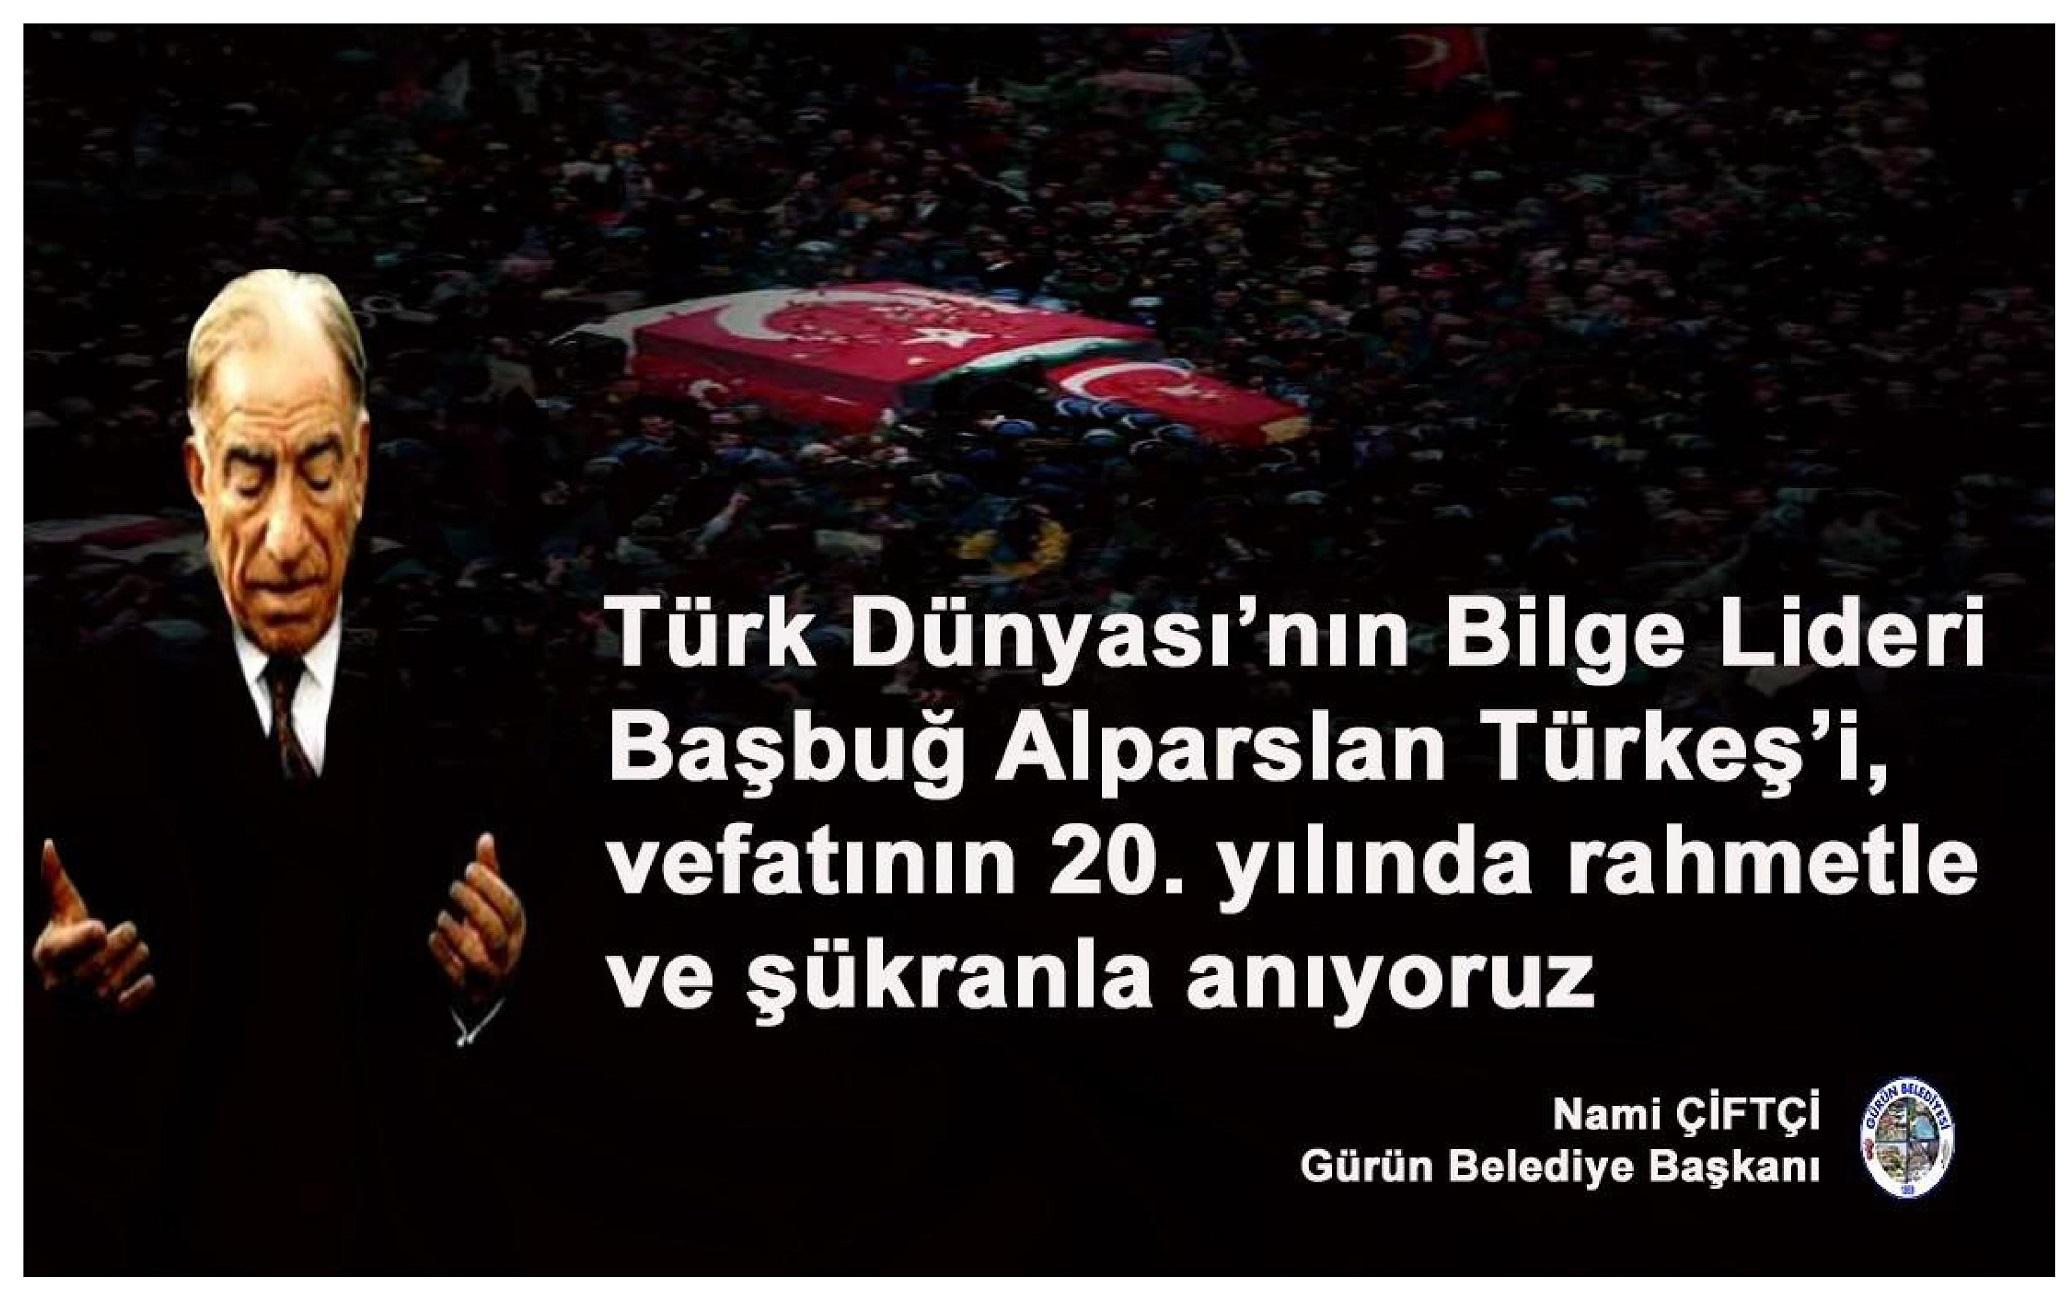 """BAŞKAN ÇİFTÇİ:""""BAŞBUĞ'U VEFATININ 20.YILINDA RAHMETLE ANIYORUZ"""""""